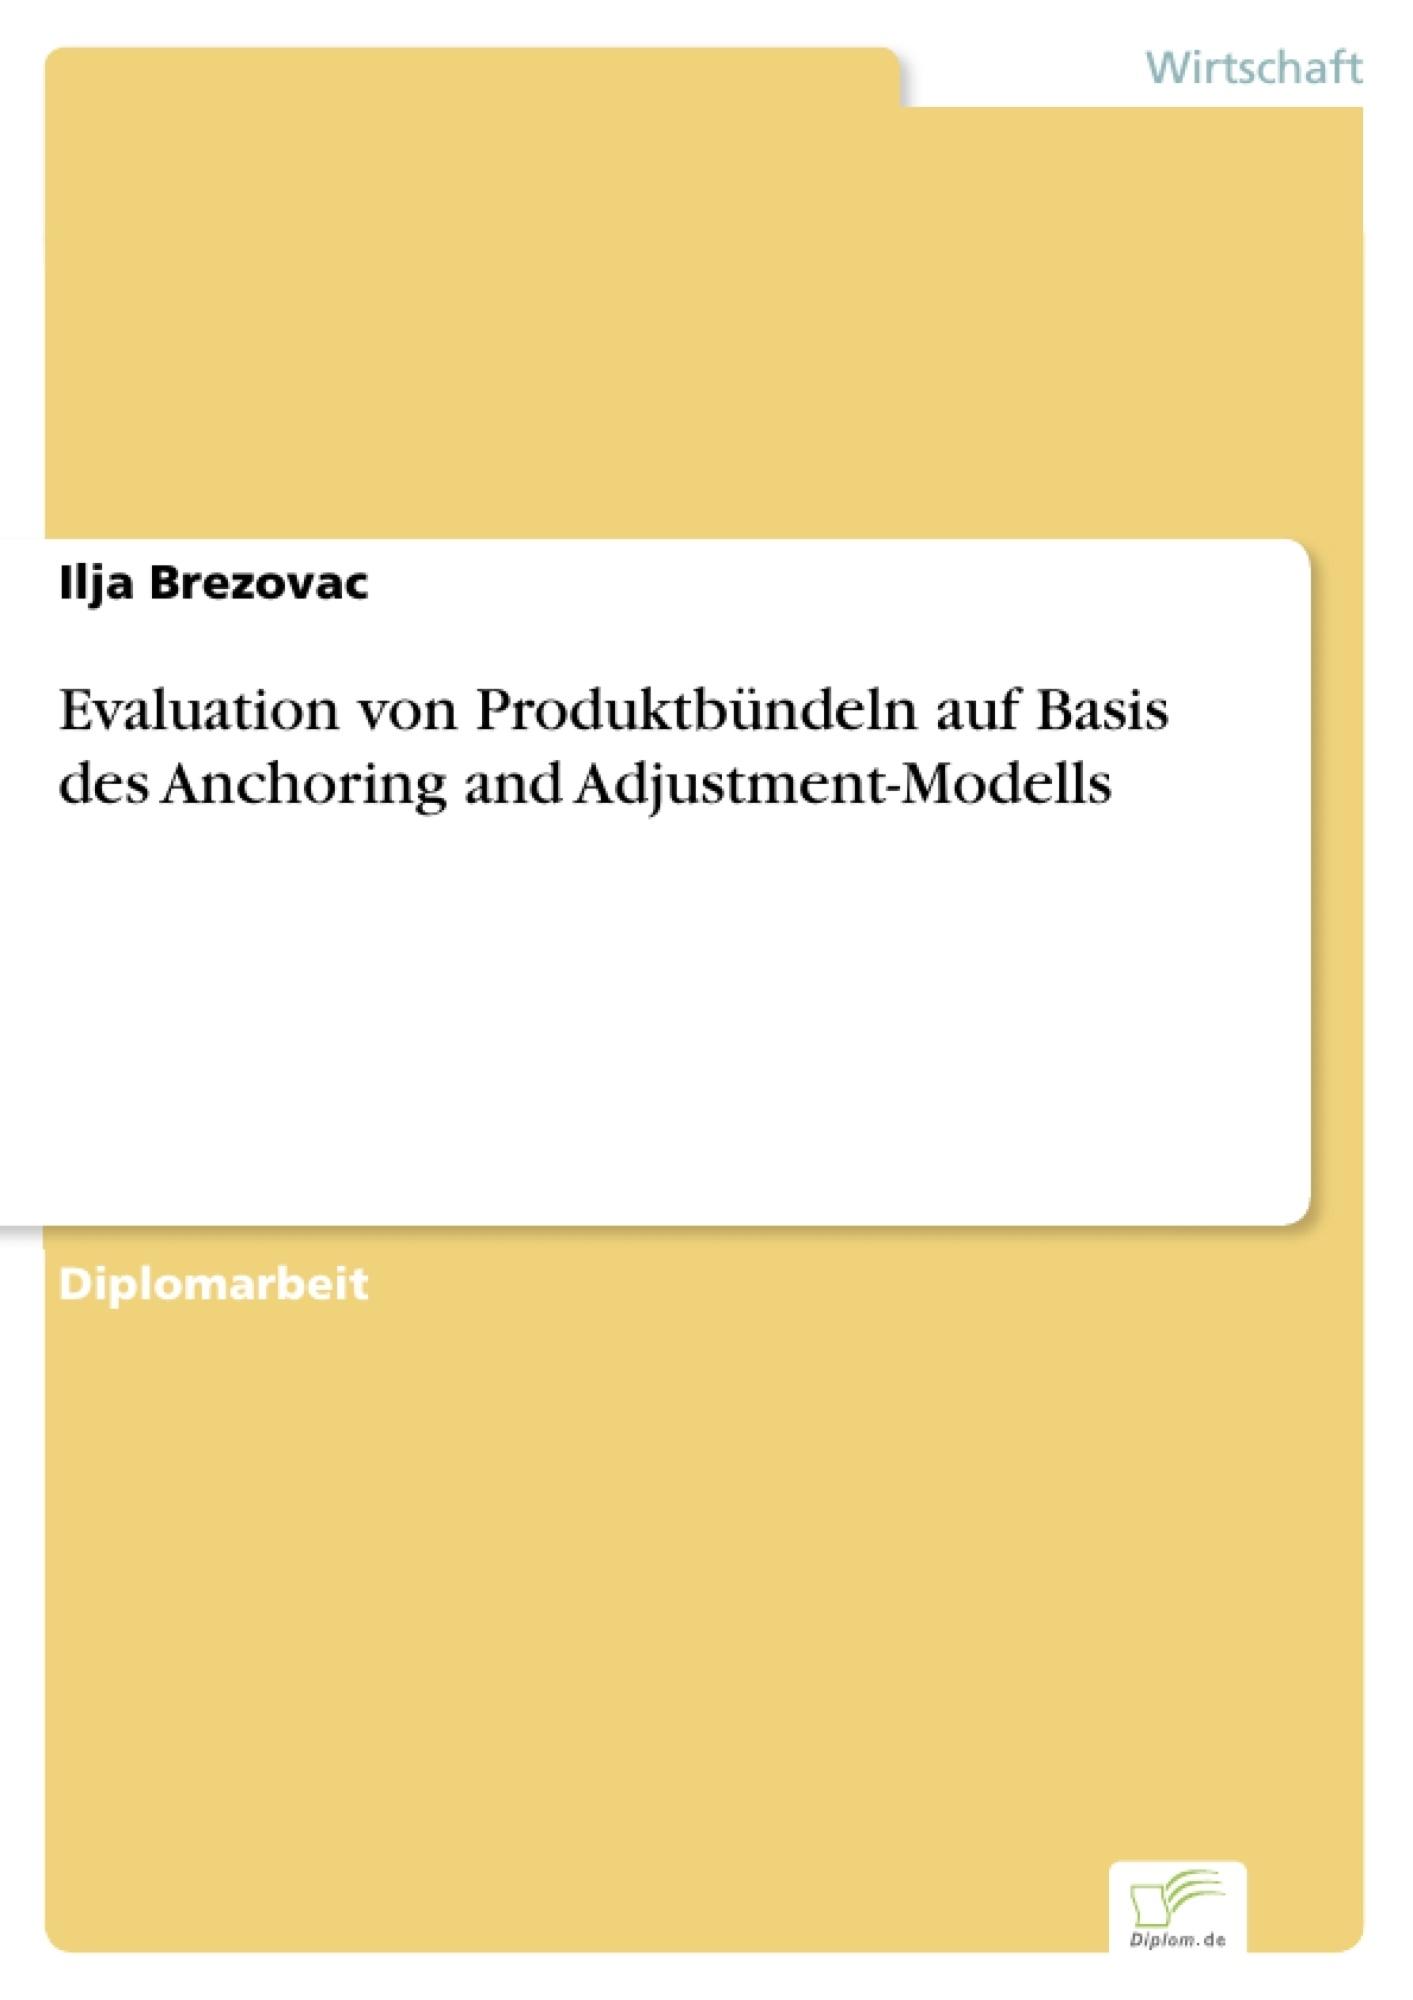 Evaluation von Produktbündeln auf Basis des Anchoring and ...